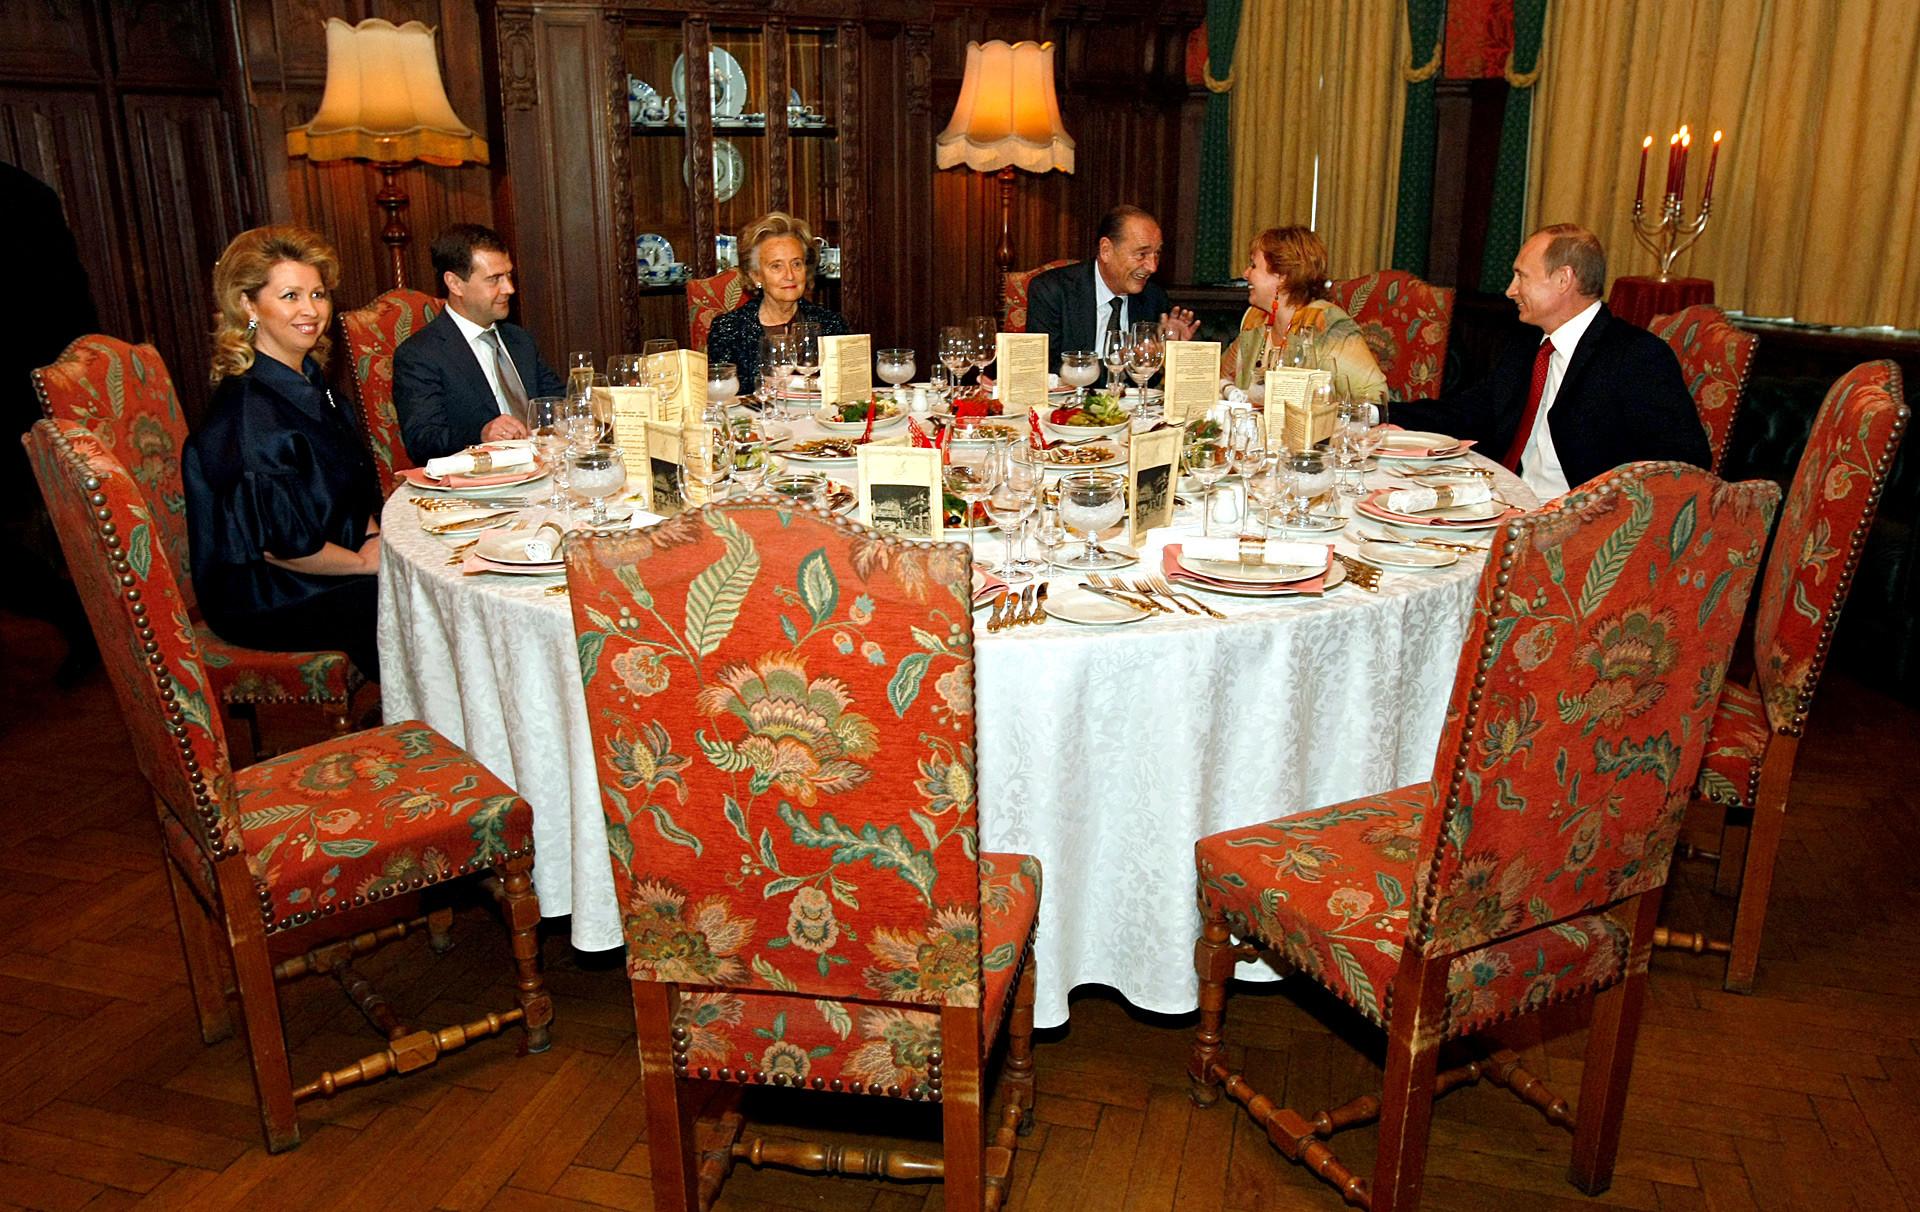 Perdana Menteri Rusia Vladimir Putin dan istrinya Lyudmila, mantan Presiden Prancis Jacques Chirac dengan istrinya Bernadette, dan Presiden Rusia Dmitry Medvedev dengan istrinya Svetlana.